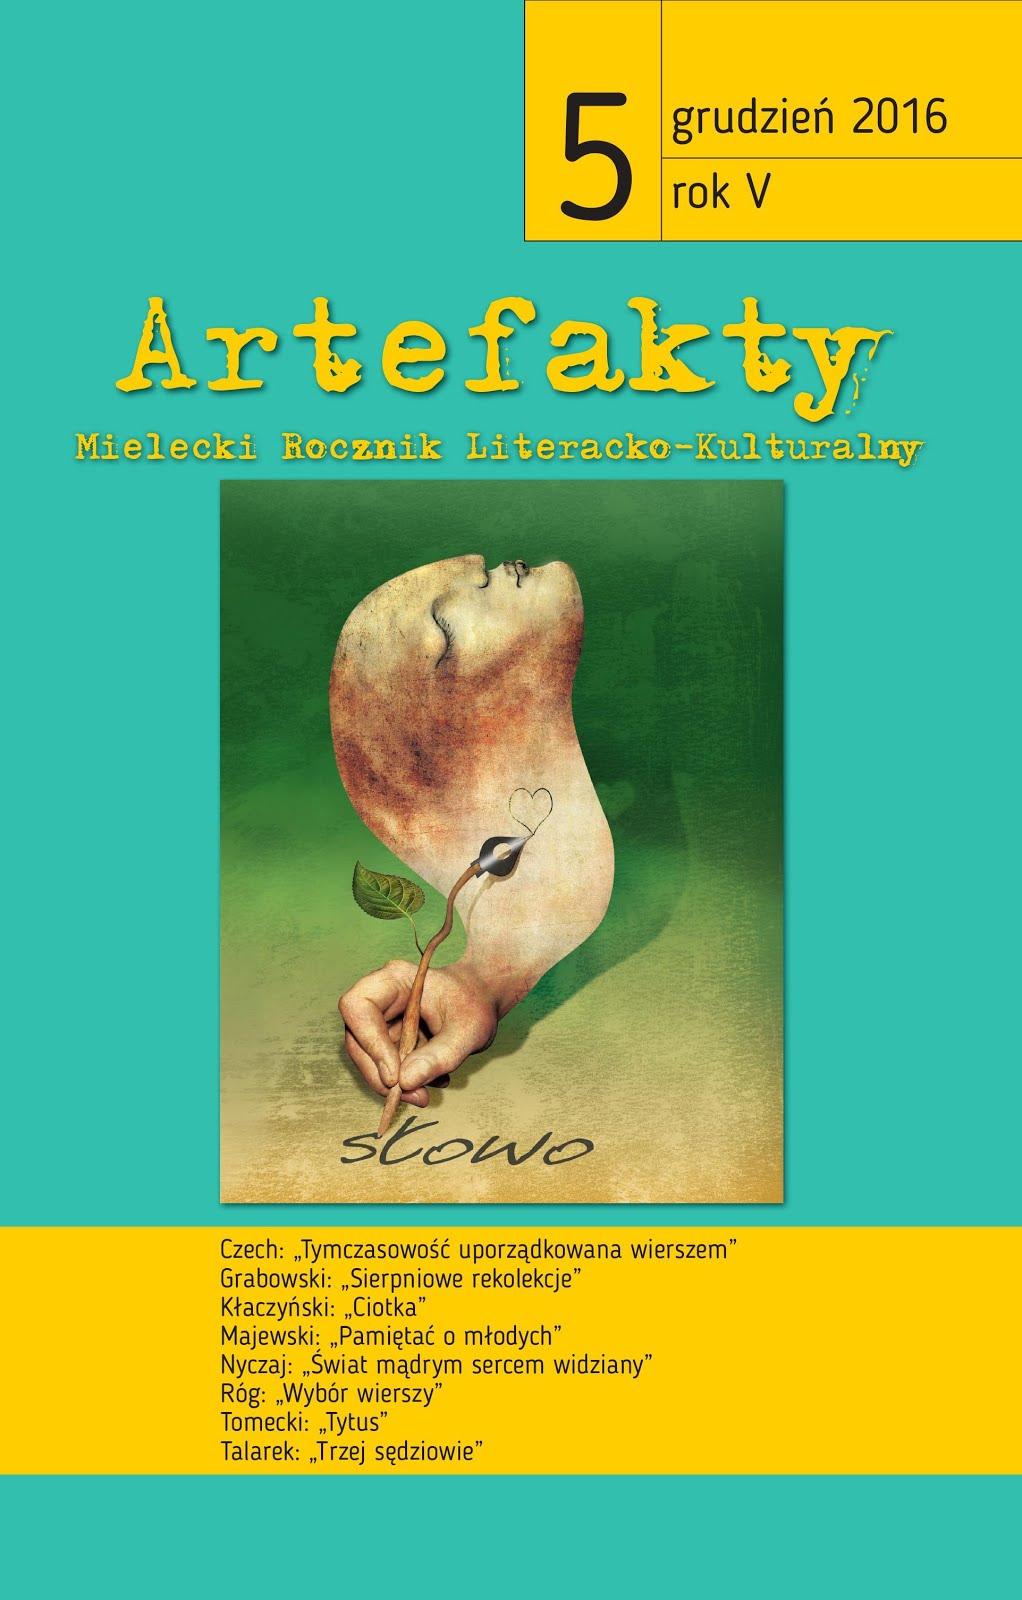 GOŚCINNIE : ARTEFAKTY 20016 - MIELECKI ROCZNIK LITERACKI